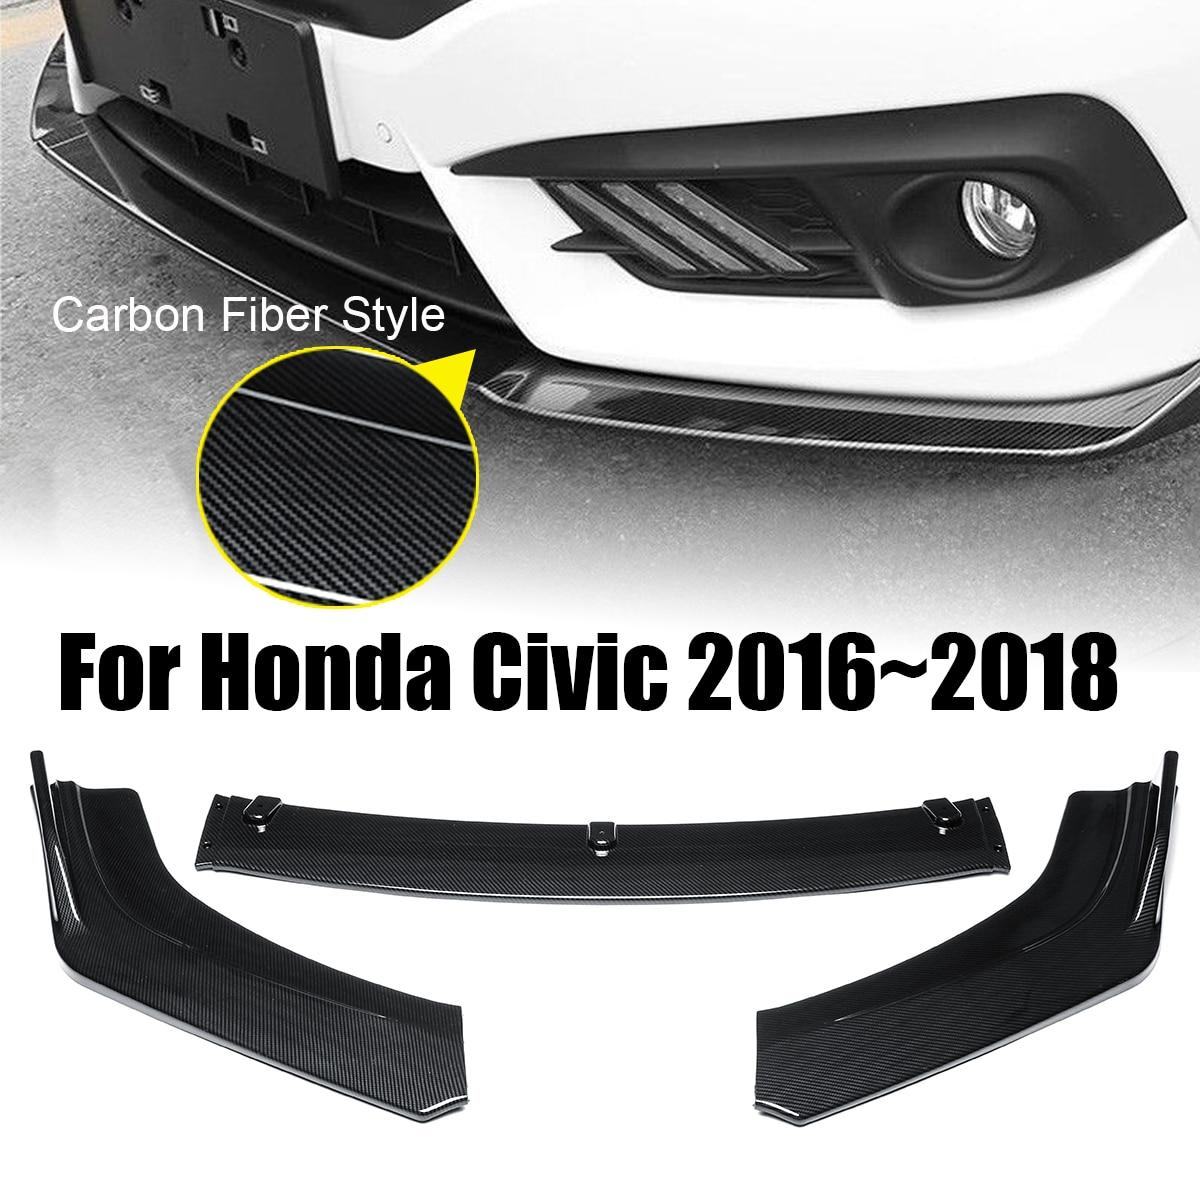 3 pcs ABS Style Fiber De Carbone Pare-chocs Avant Cover Lip Spoiler Avant Pour Honda Pour Civic 2016 ~ 2018 Répartiteurs air Vent Cover Version